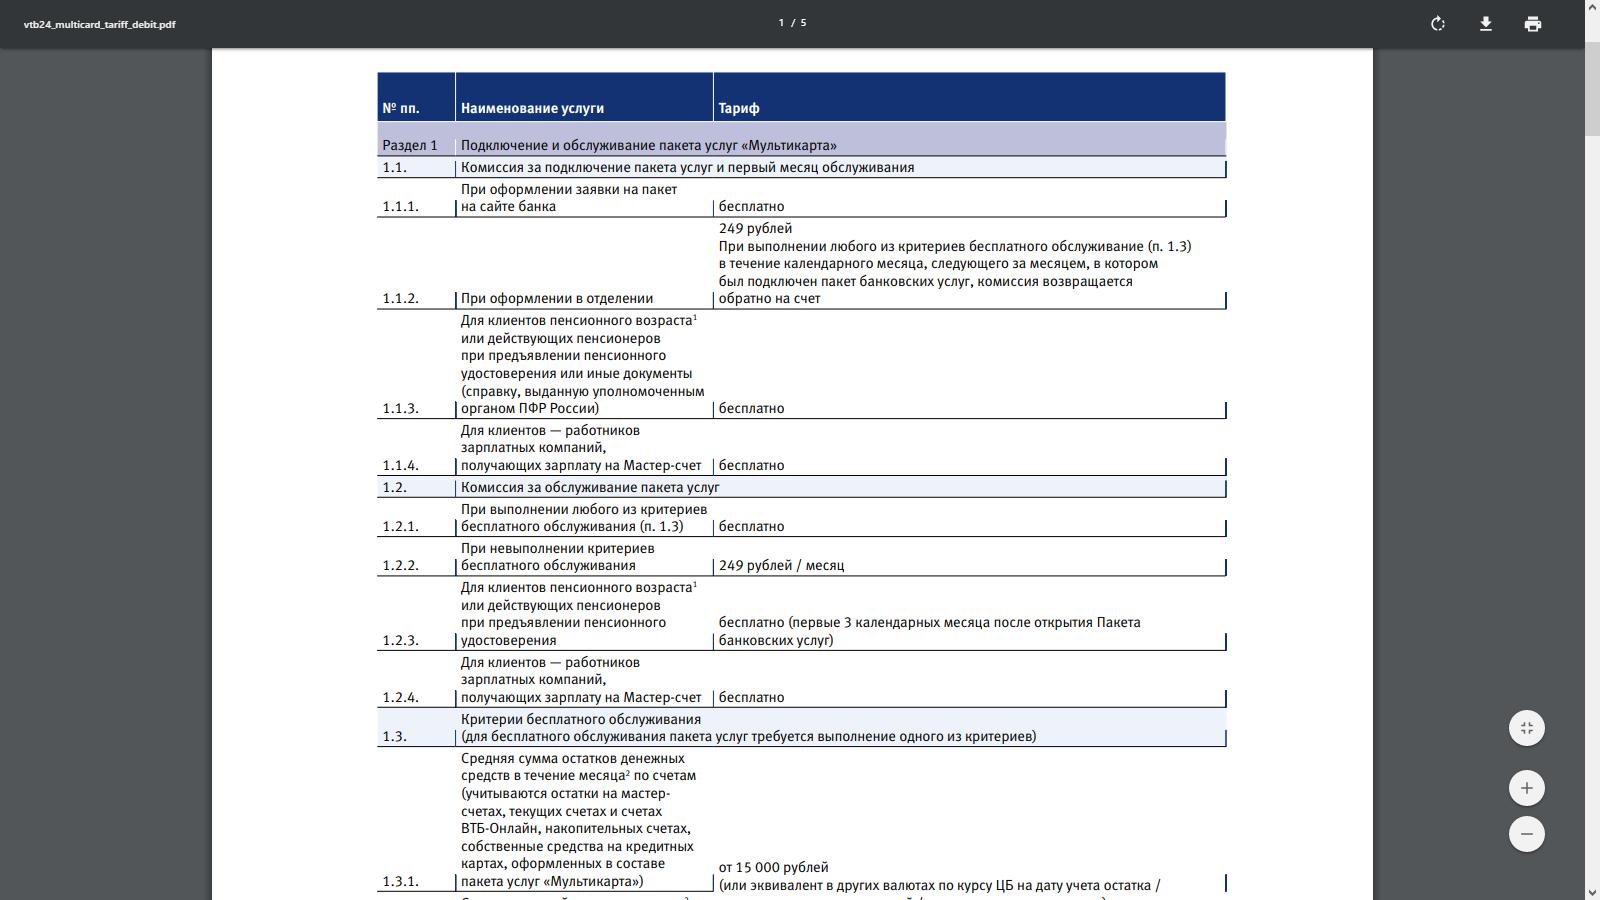 Тарифы и бонусы дебетовой Мультикарты ВТБ 24